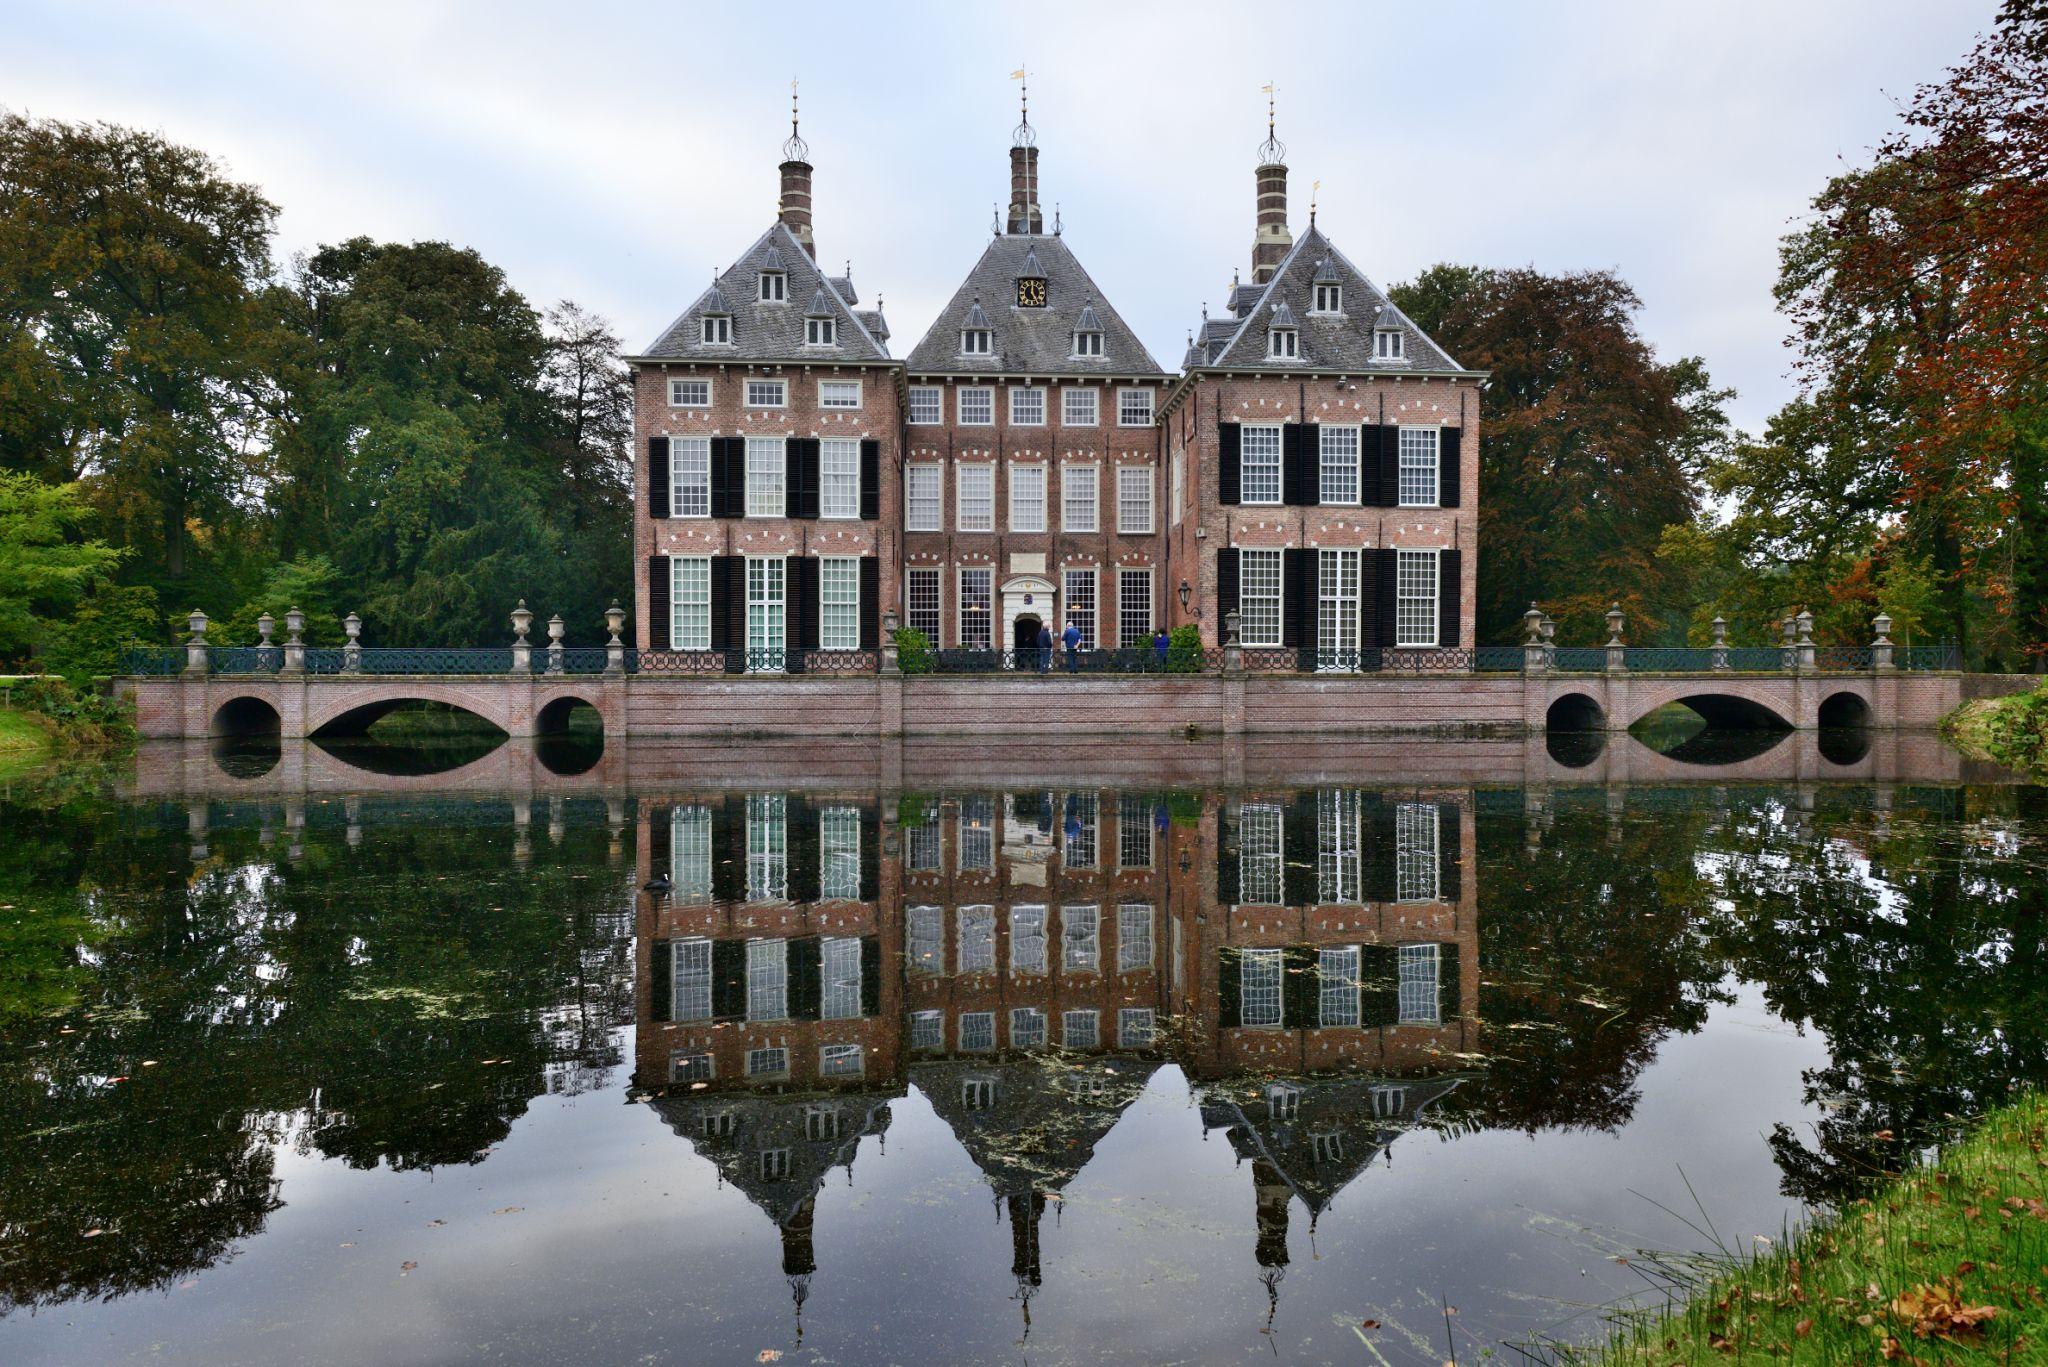 Kasteel Duivenvoorde, Voorschoten, Netherlands